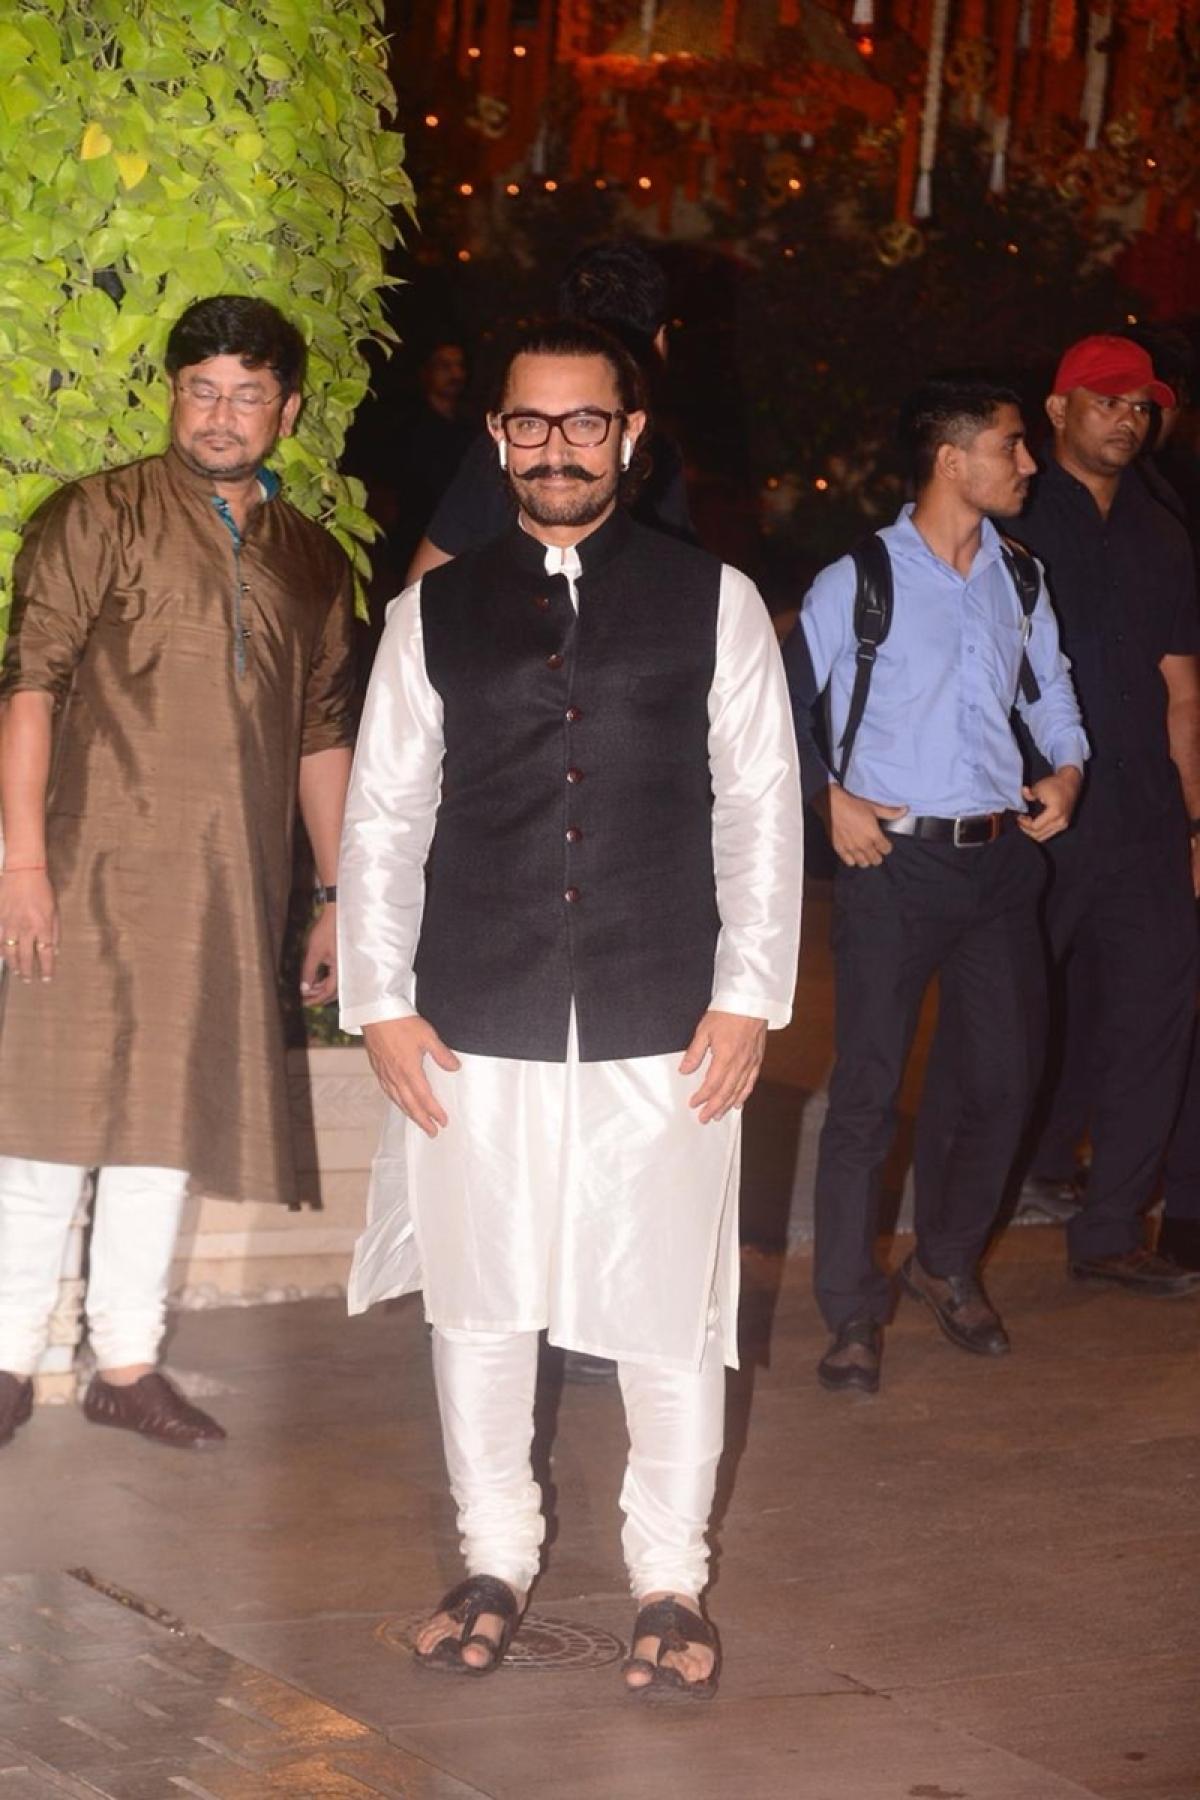 Aamir Khan at Mukesh Ambani's house. Photo By: Viral Bhayani